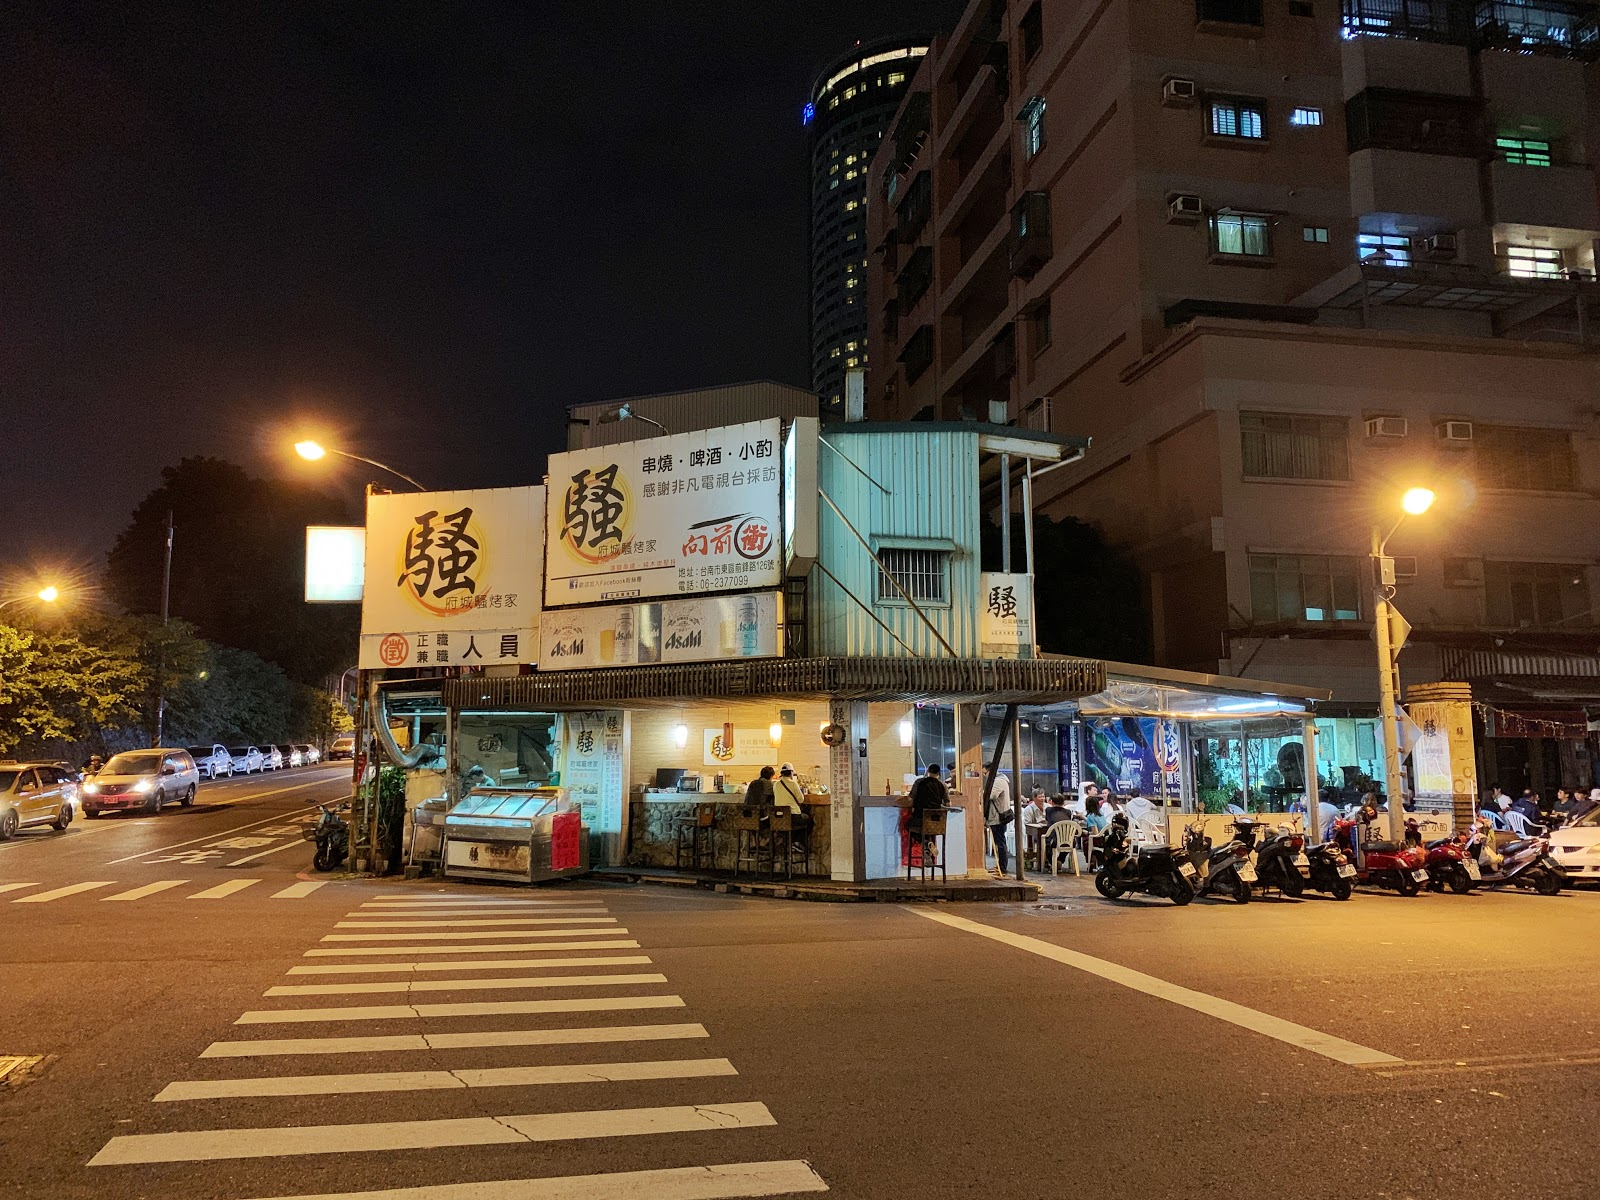 台南東區美食【府城騷烤家】店外環境